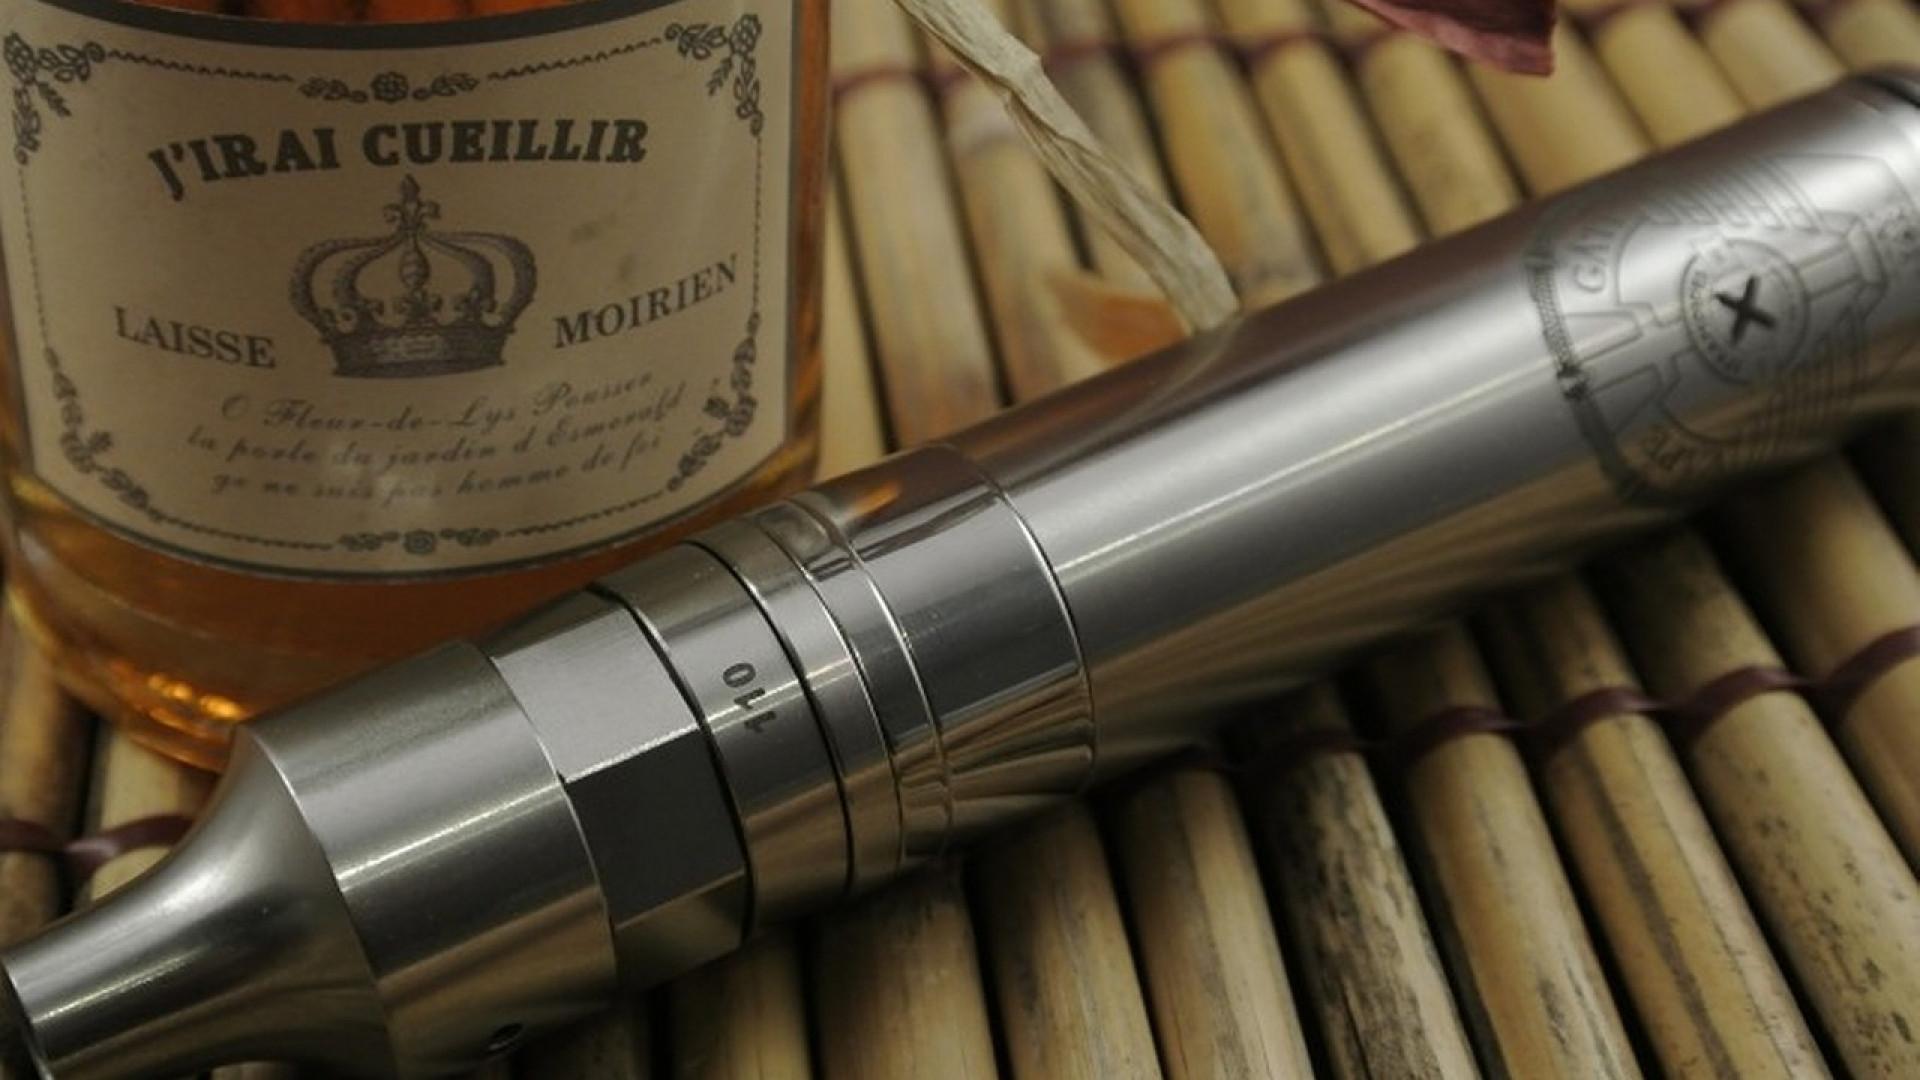 8de0889fe44286ec9081202d3ca0cdb8 - Tout ce que vous devez savoir sur l'e-cigarette